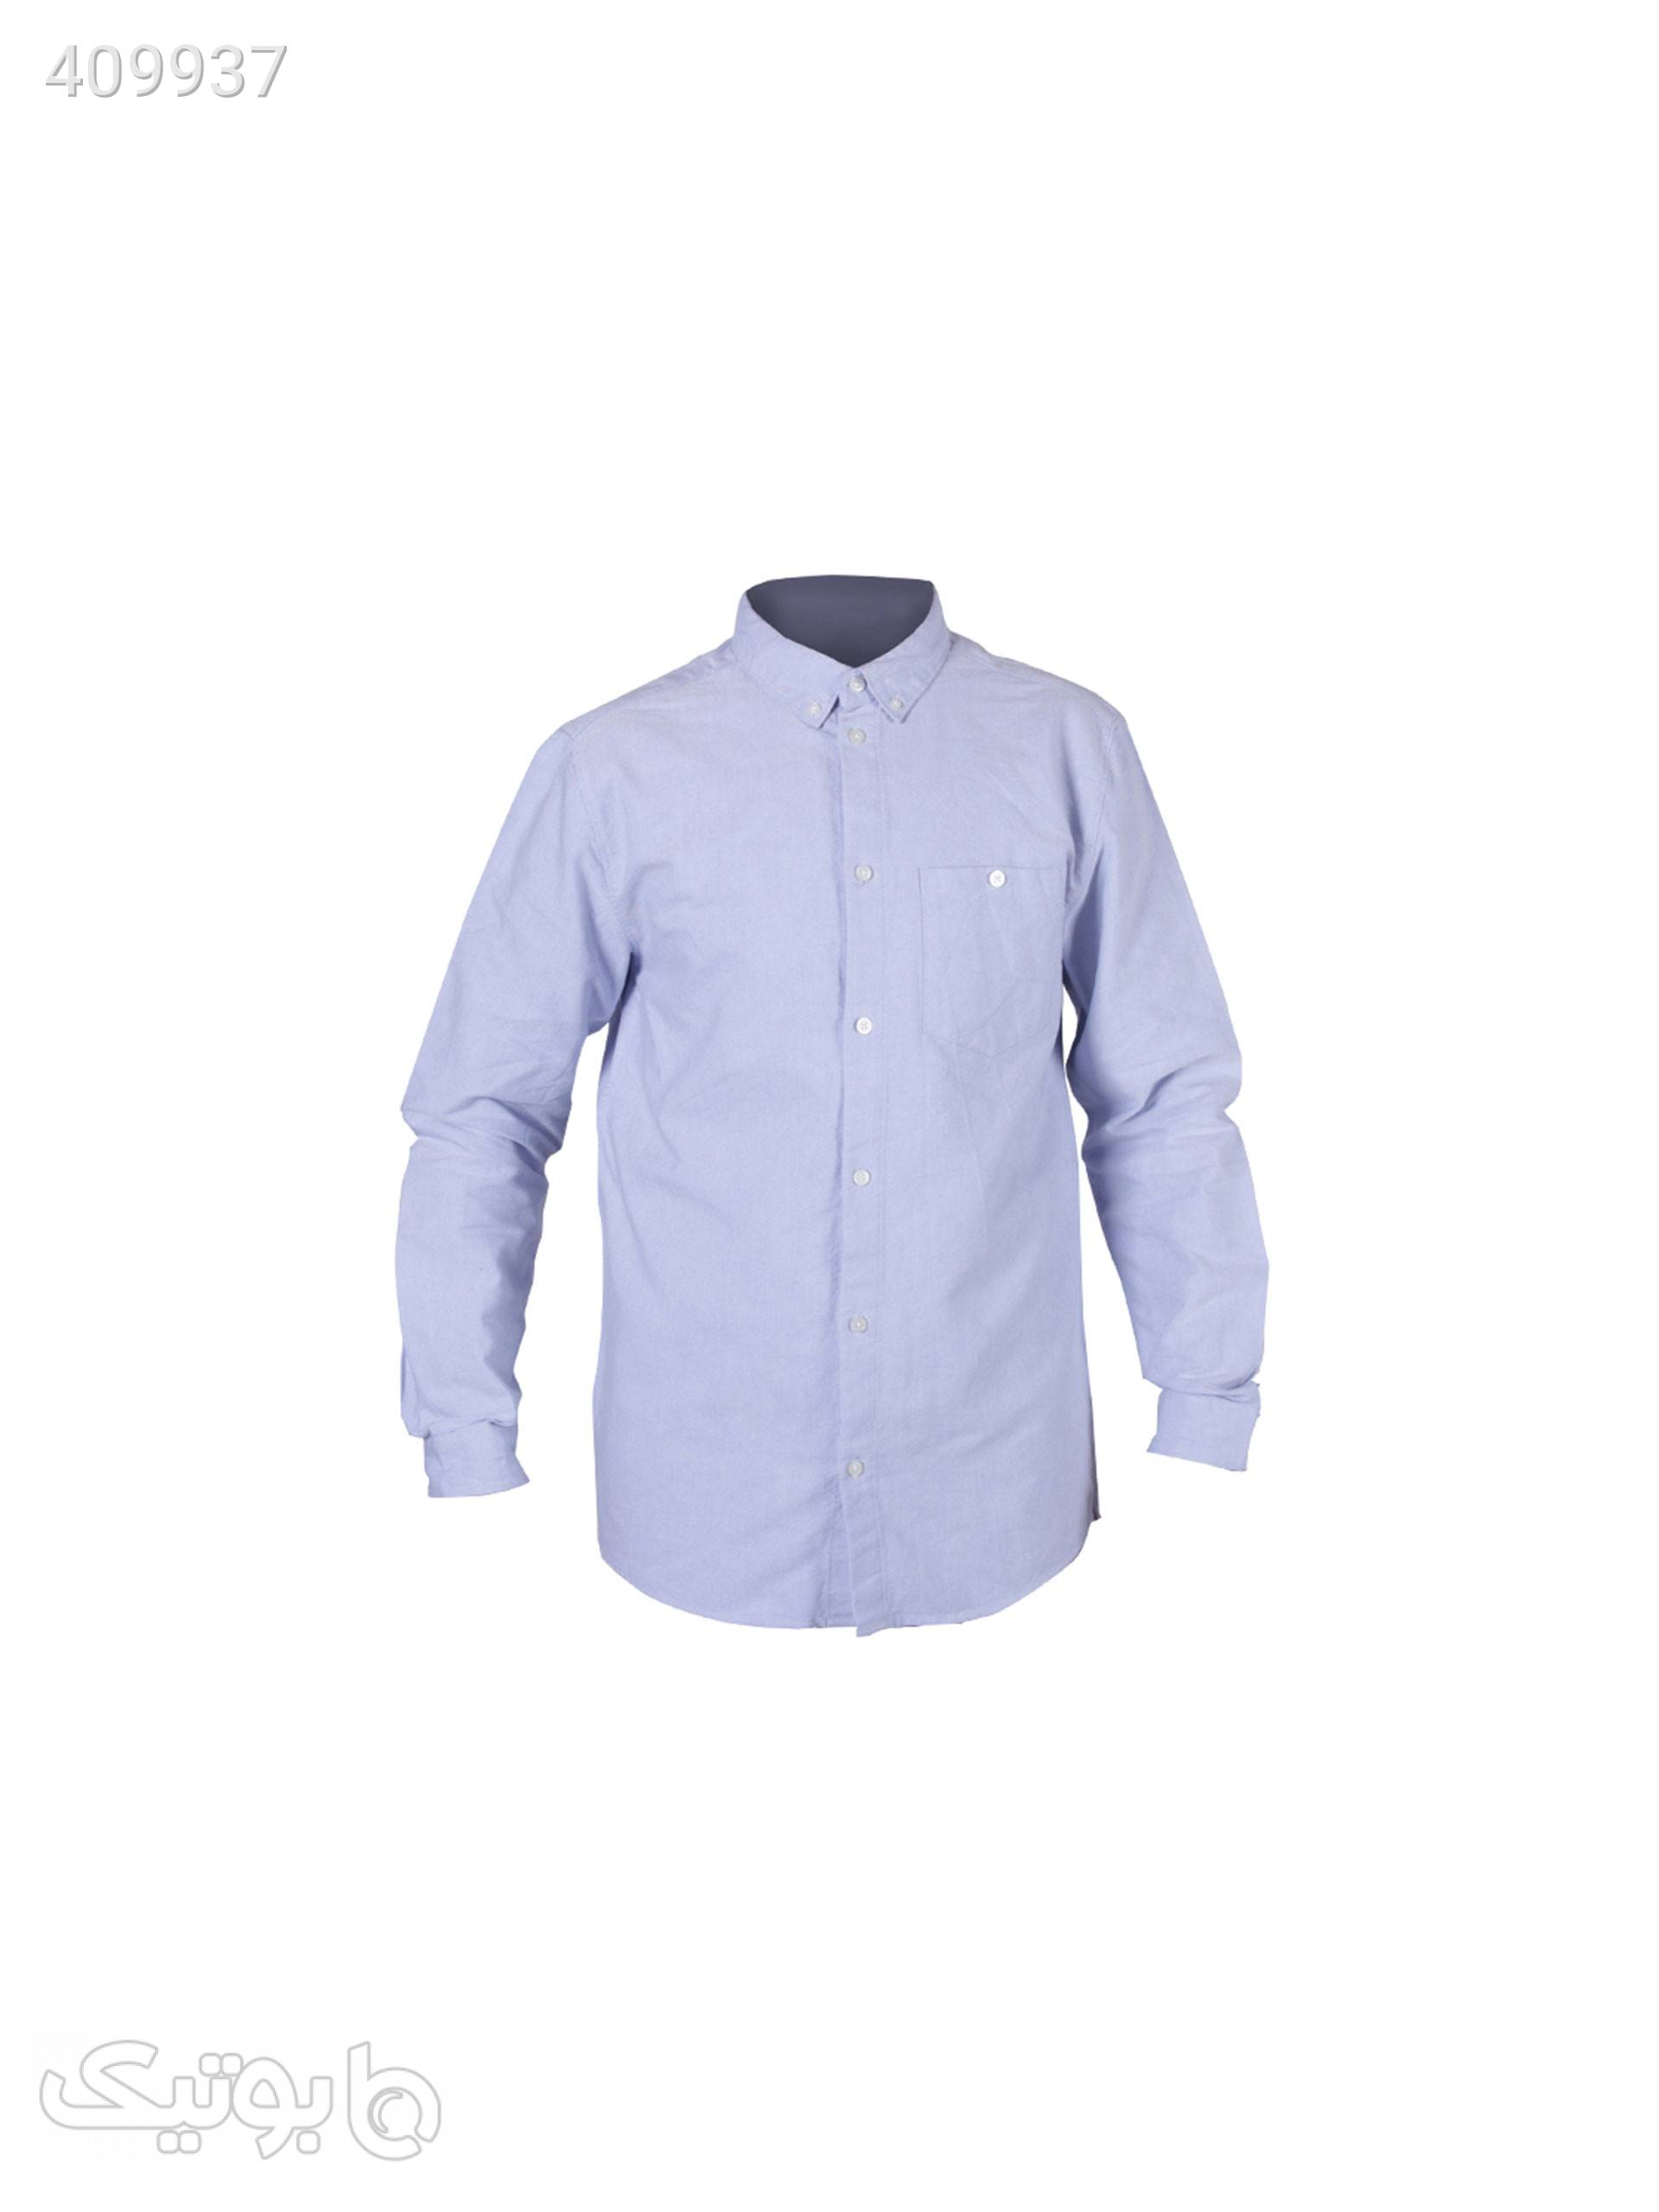 پیراهن مردانه ویک دی کد EL-36 آبی پيراهن مردانه